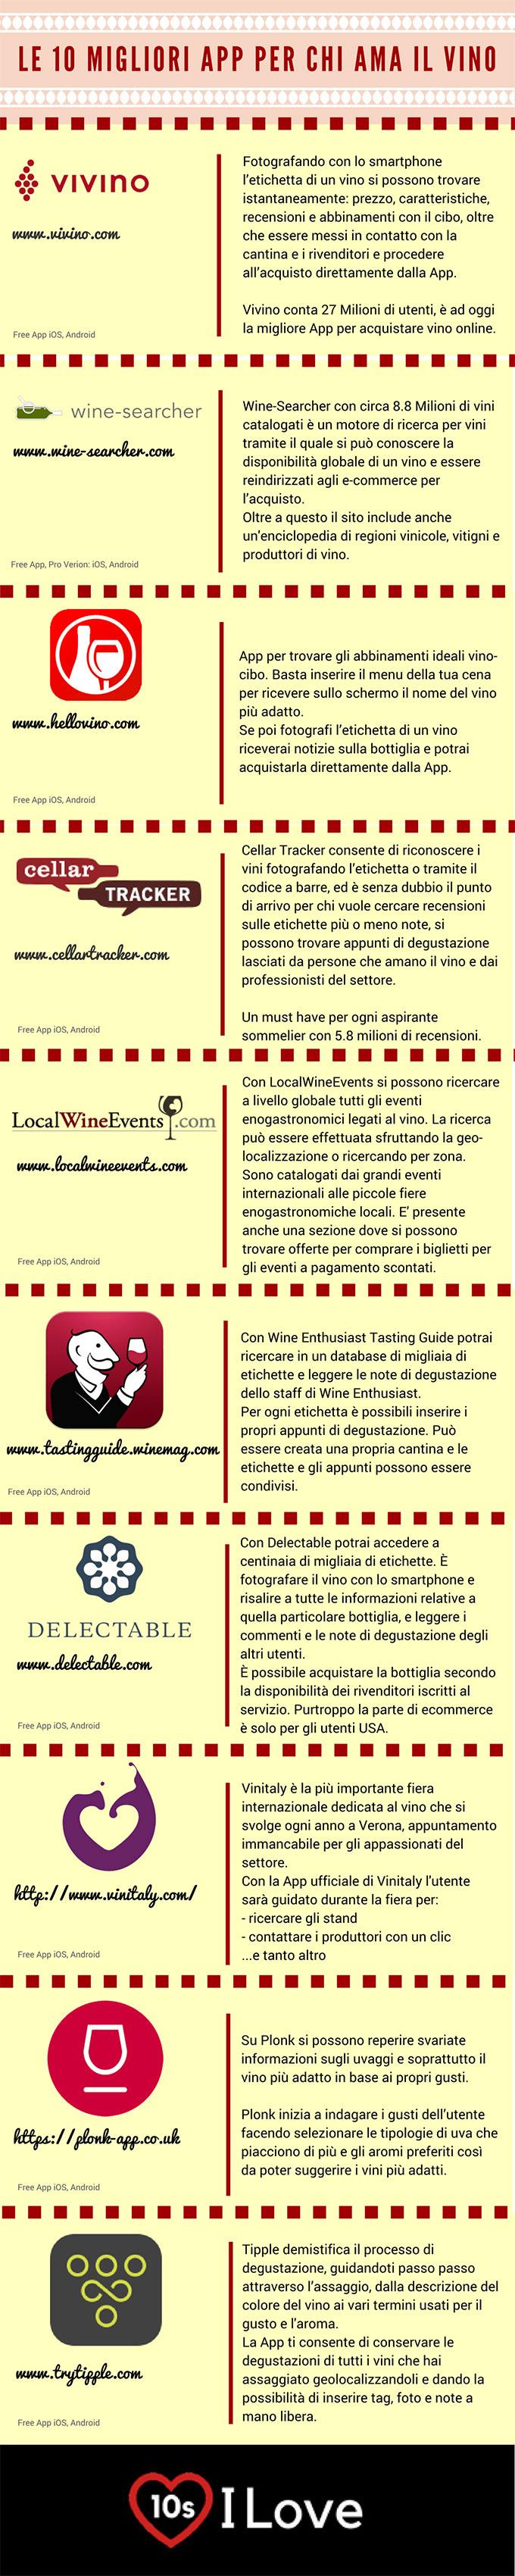 Infografica sulle migliori app sul vino